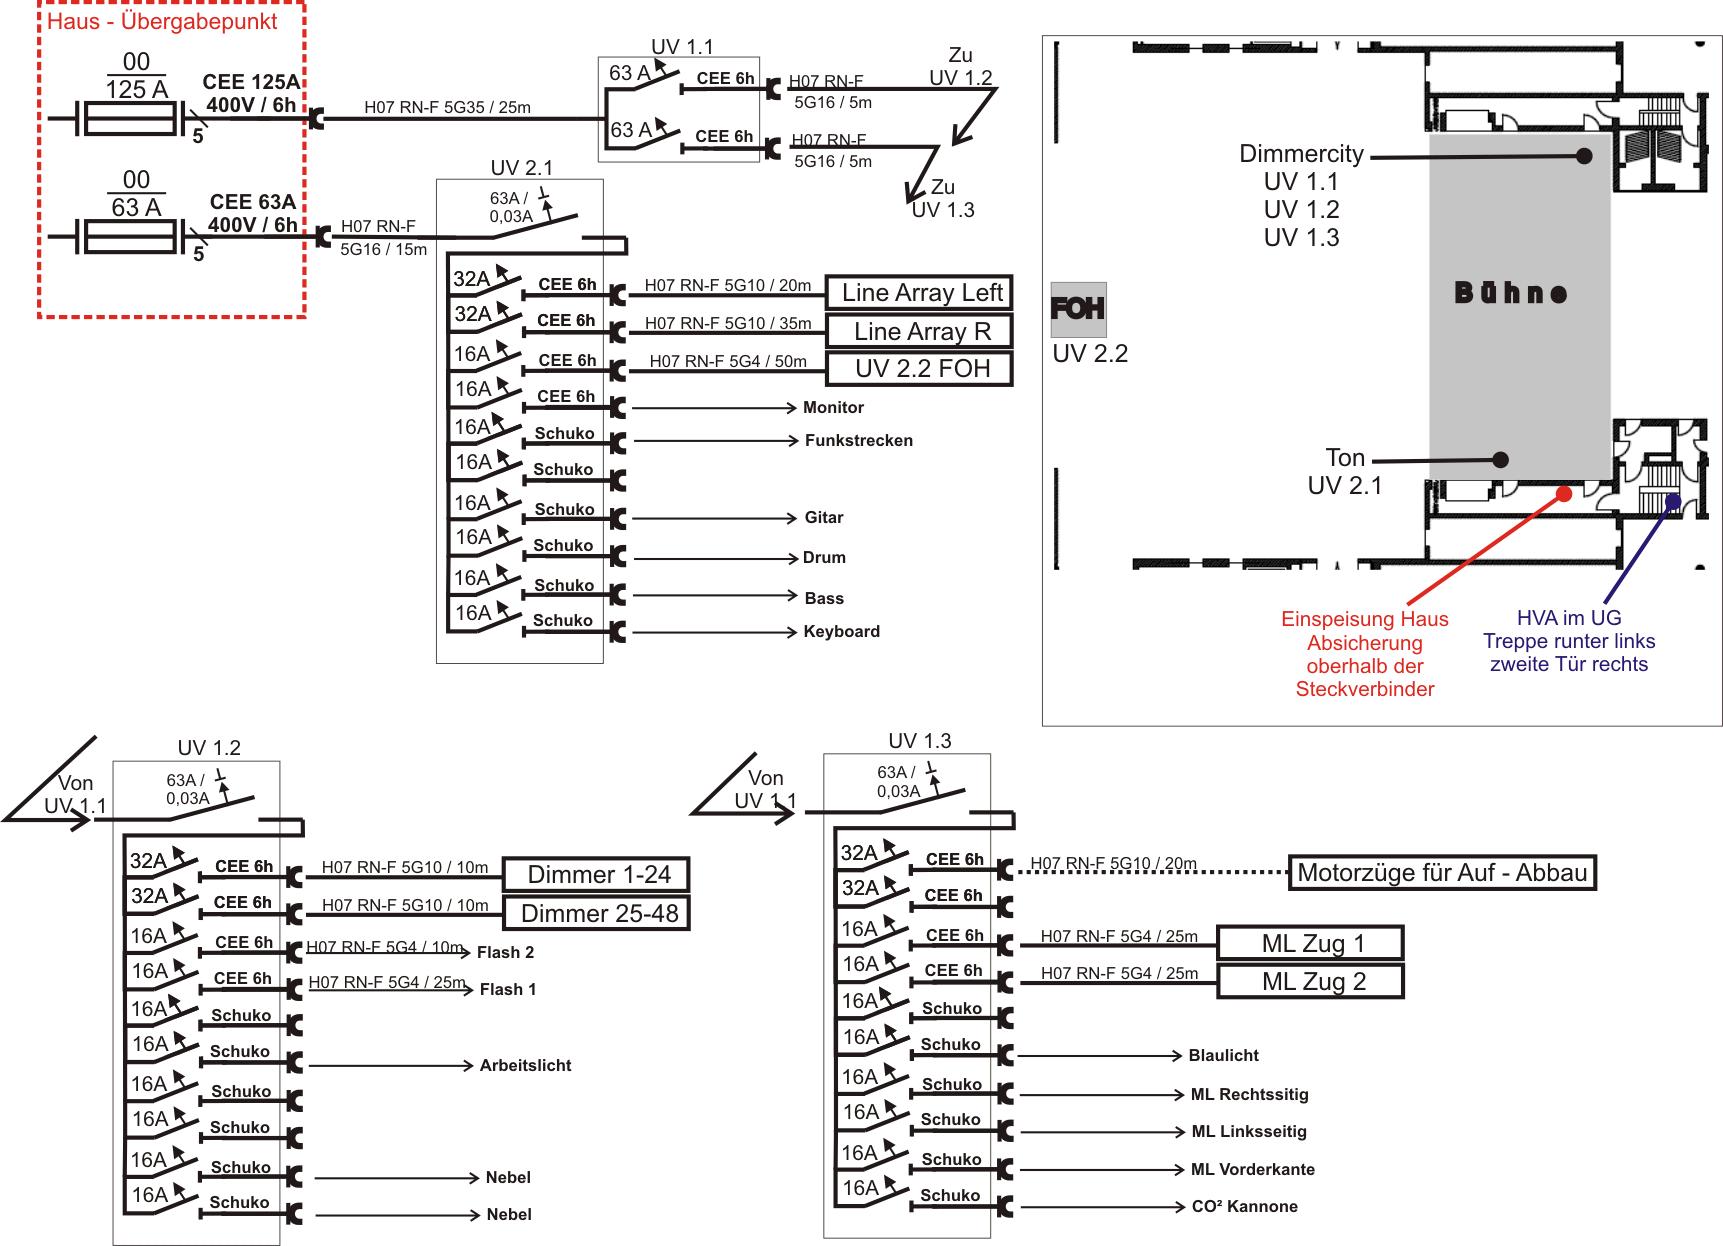 Stromverteilungs-Plan